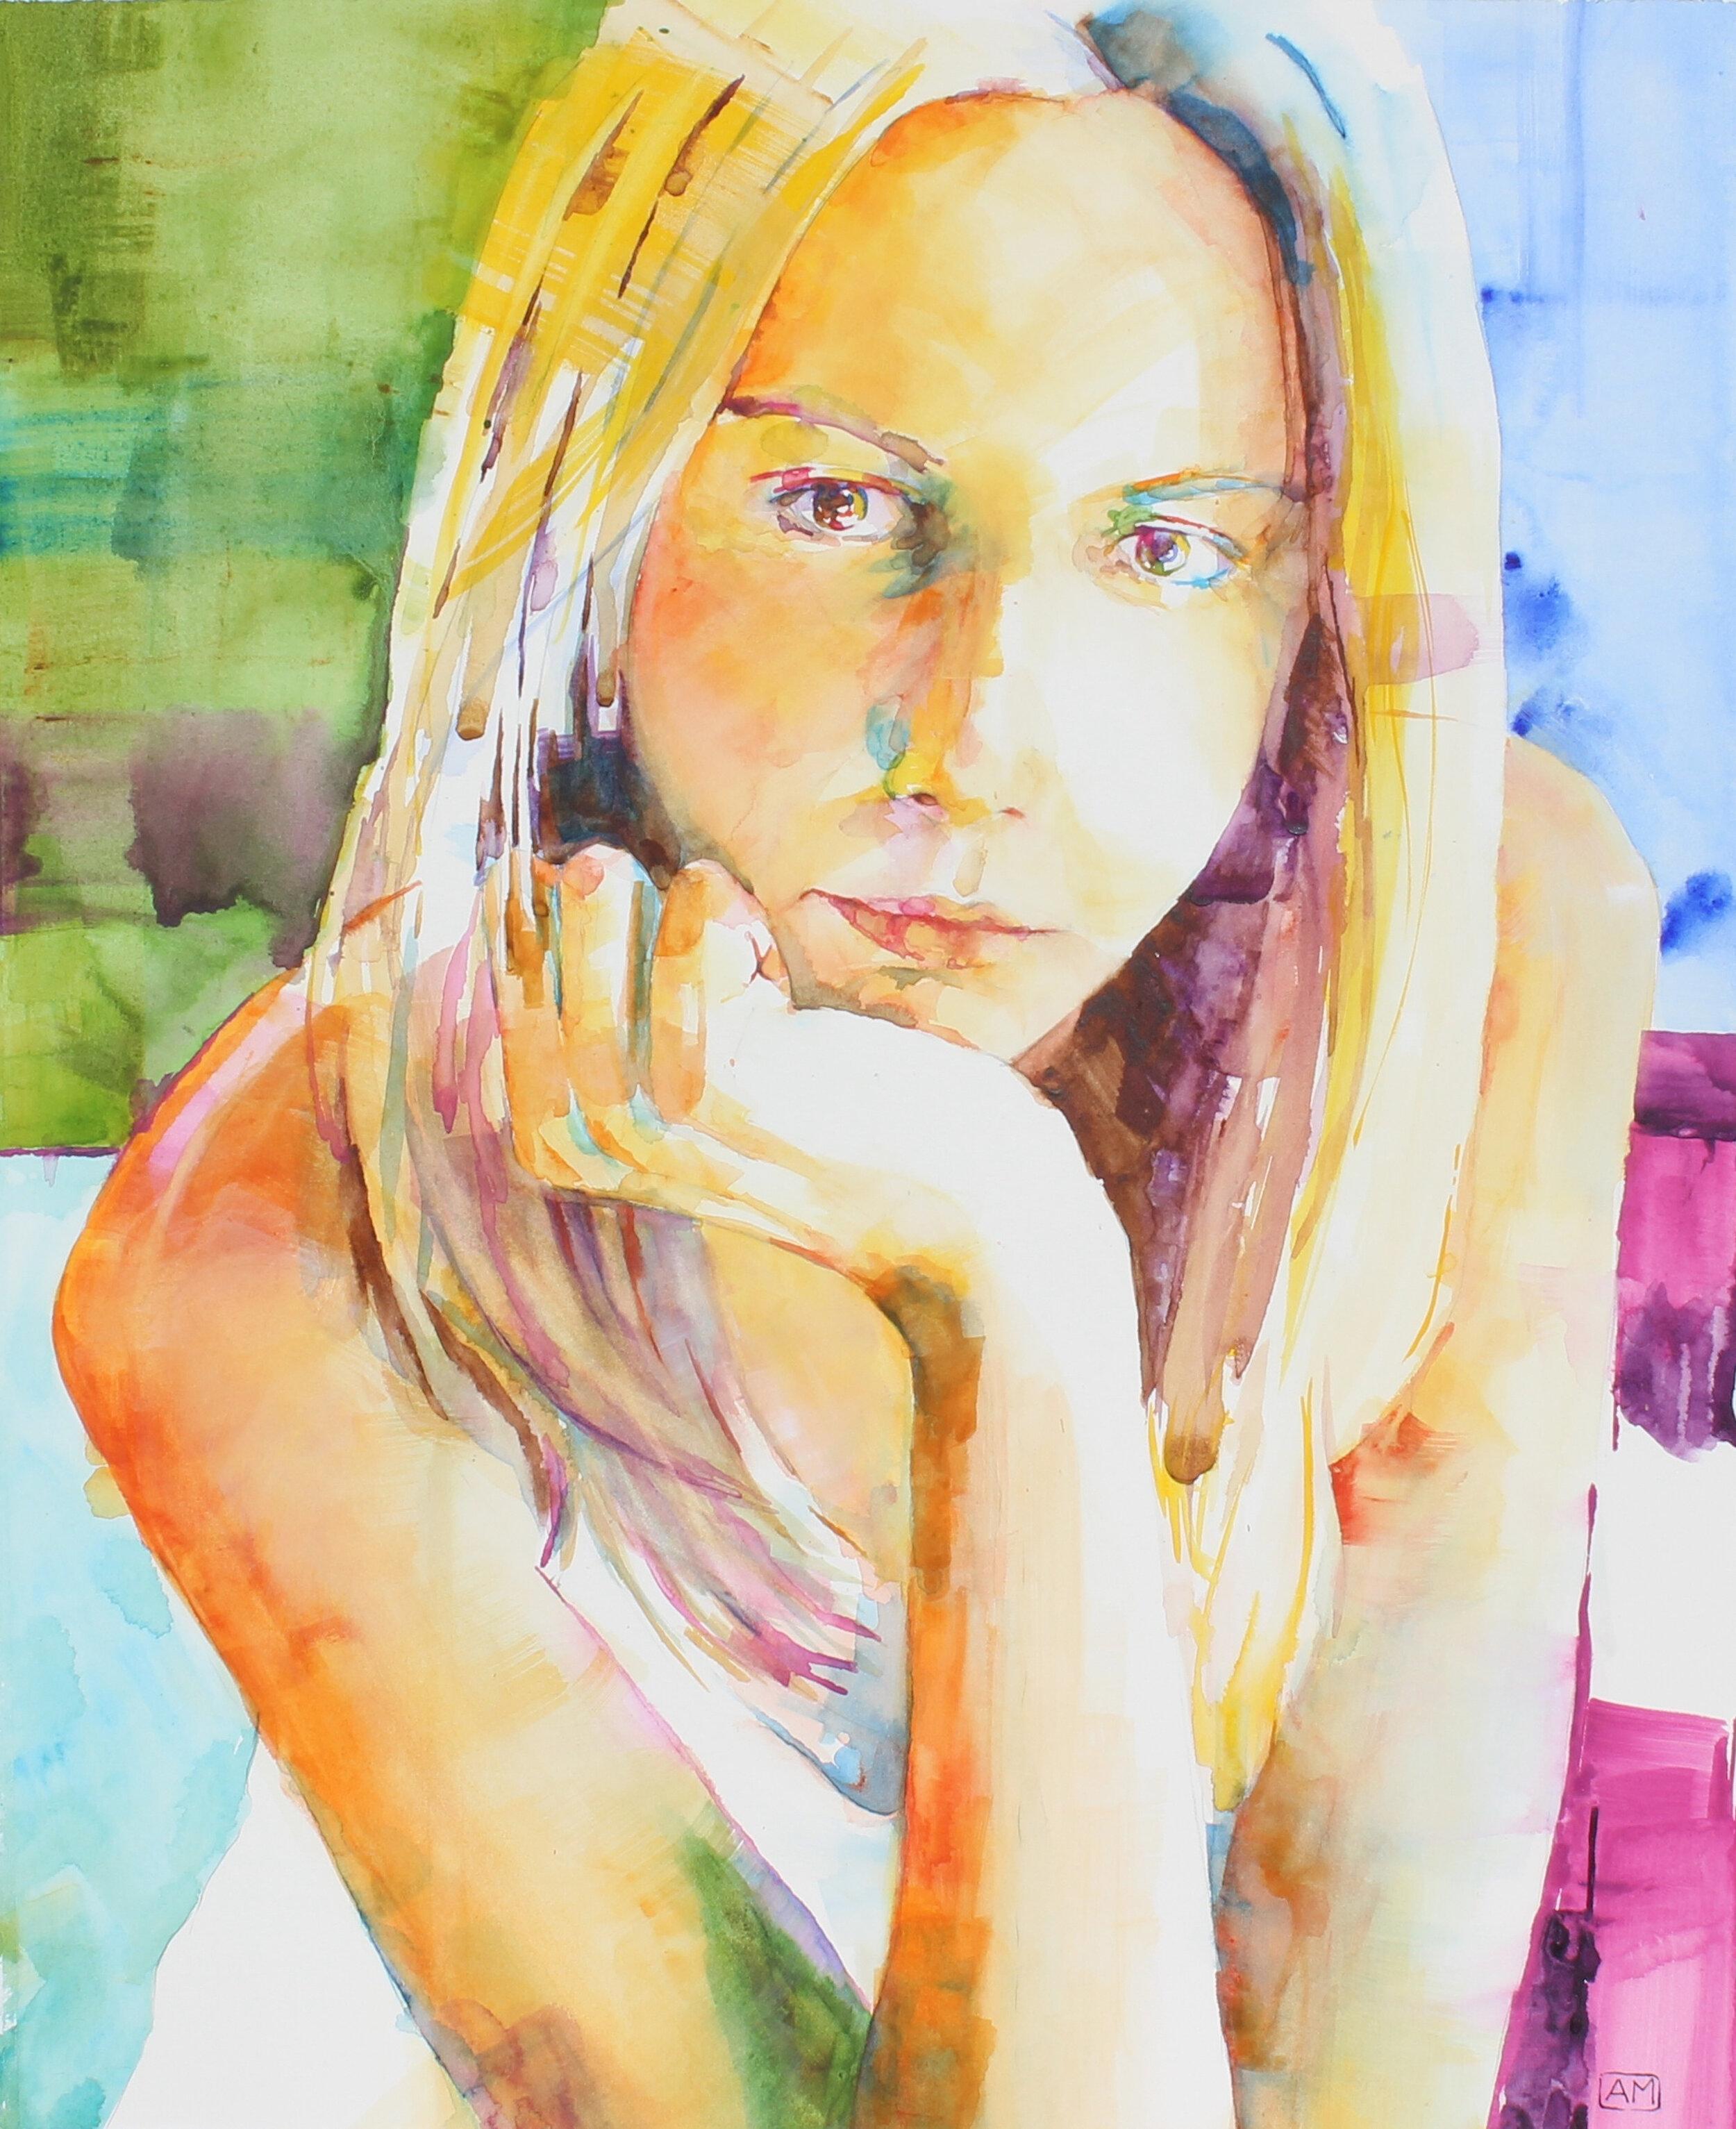 20496926-Merican_YouAlwaysSeeRightThroughMe_2 Watercolor_20x24_2014_850.jpg